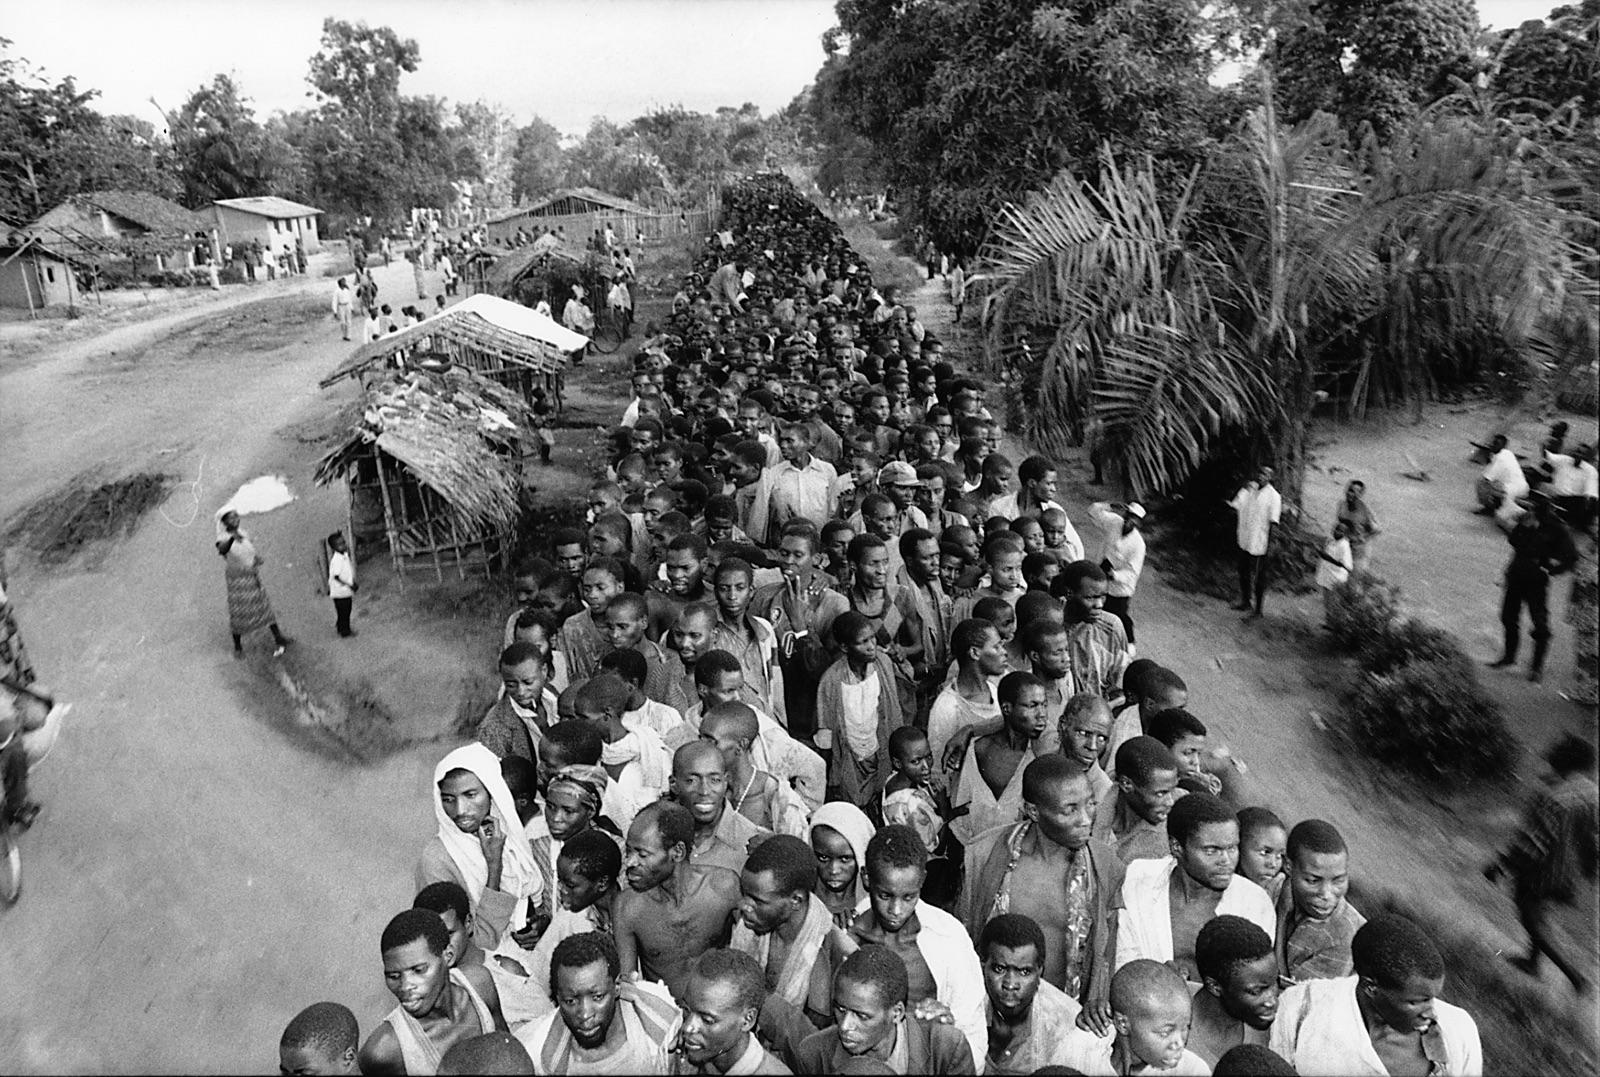 foto van een rij arbeiders in Rwanda in een bos met hutten